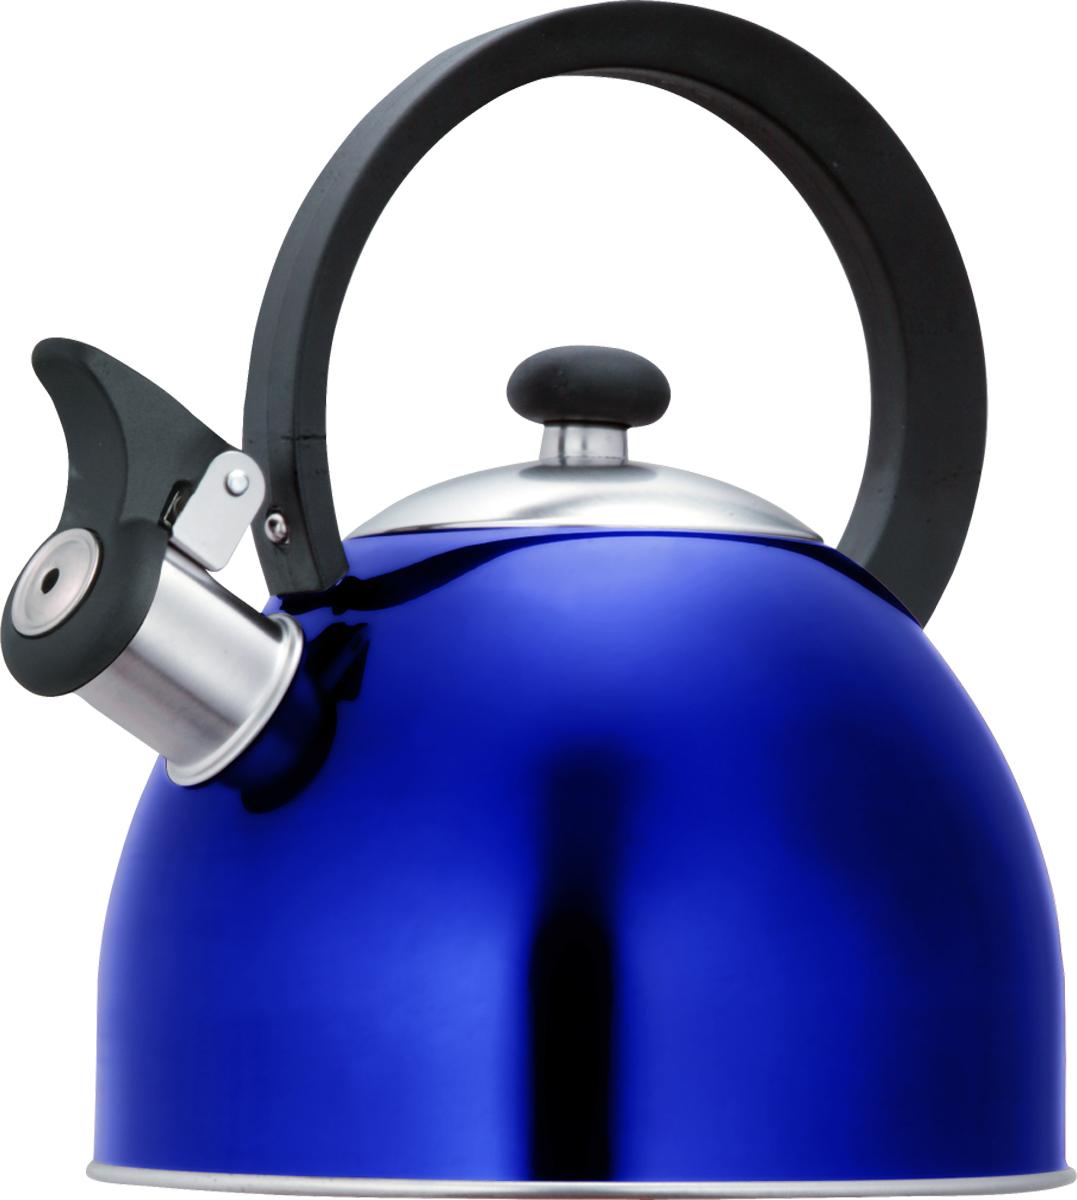 Чайник Lumme со свистком, цвет: синий, 1,8 лVT-1520(SR)Чайник в корпусе из высококачественной пищевой нержавеющей стали с термостойкой ненагревающейся ручкой и свистком, поднимающимся с помощью рычажка.Высококачественная нержавеющая сталь не имеет запаха, не выделяет примесей и сохраняет все природные натуральные свойства воды.Свисток на носике чайника - привычный элемент комфорта и безопасности, потому что своевременный сигнал о готовности кипятка сэкономит время и электроэнергию, вода никогда не выкипит полностью, и чайник прослужит очень долго.Оригинальный механизм поднятия свистка с помощью рычажка добавляет чайнику индивидуальности, он необычайно комфортен в использовании и может стать хорошим подарком для близких.Чайник из нержавеющей стали подходит для всех видов плит, кроме индукционных: электрических, стеклокерамических, галогенных, газовых.